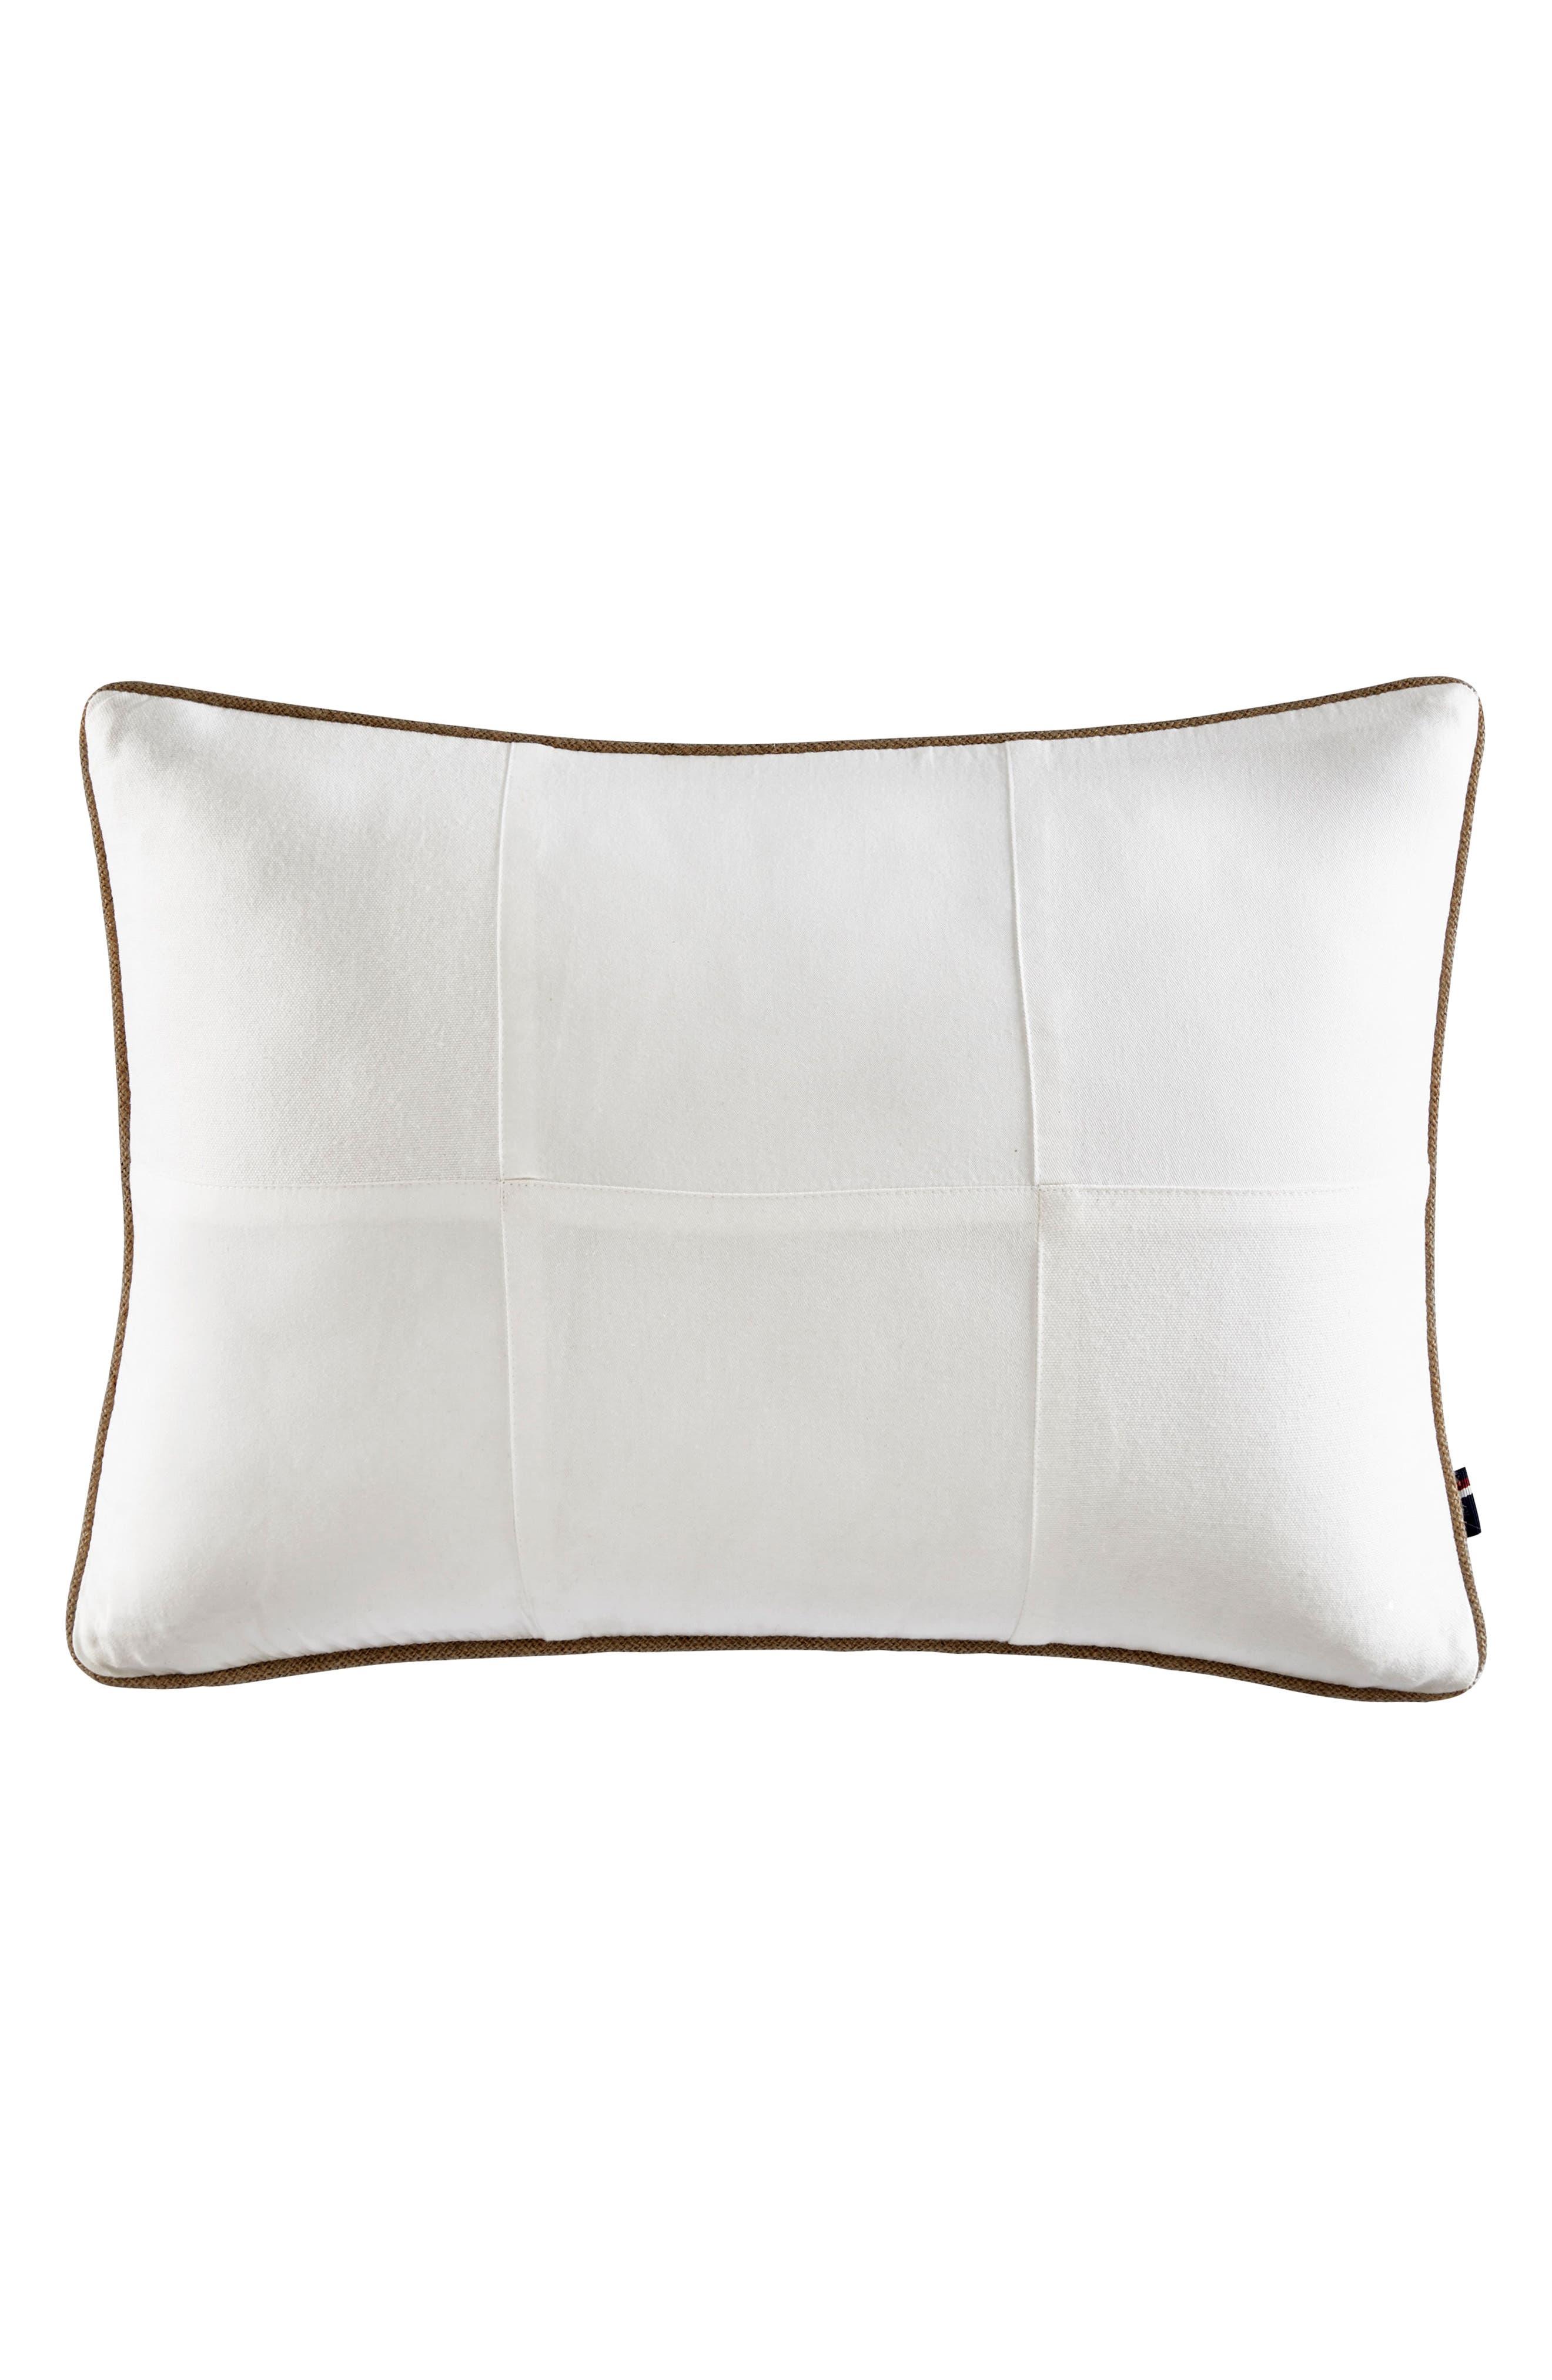 Longview Accent Pillow,                         Main,                         color, 100